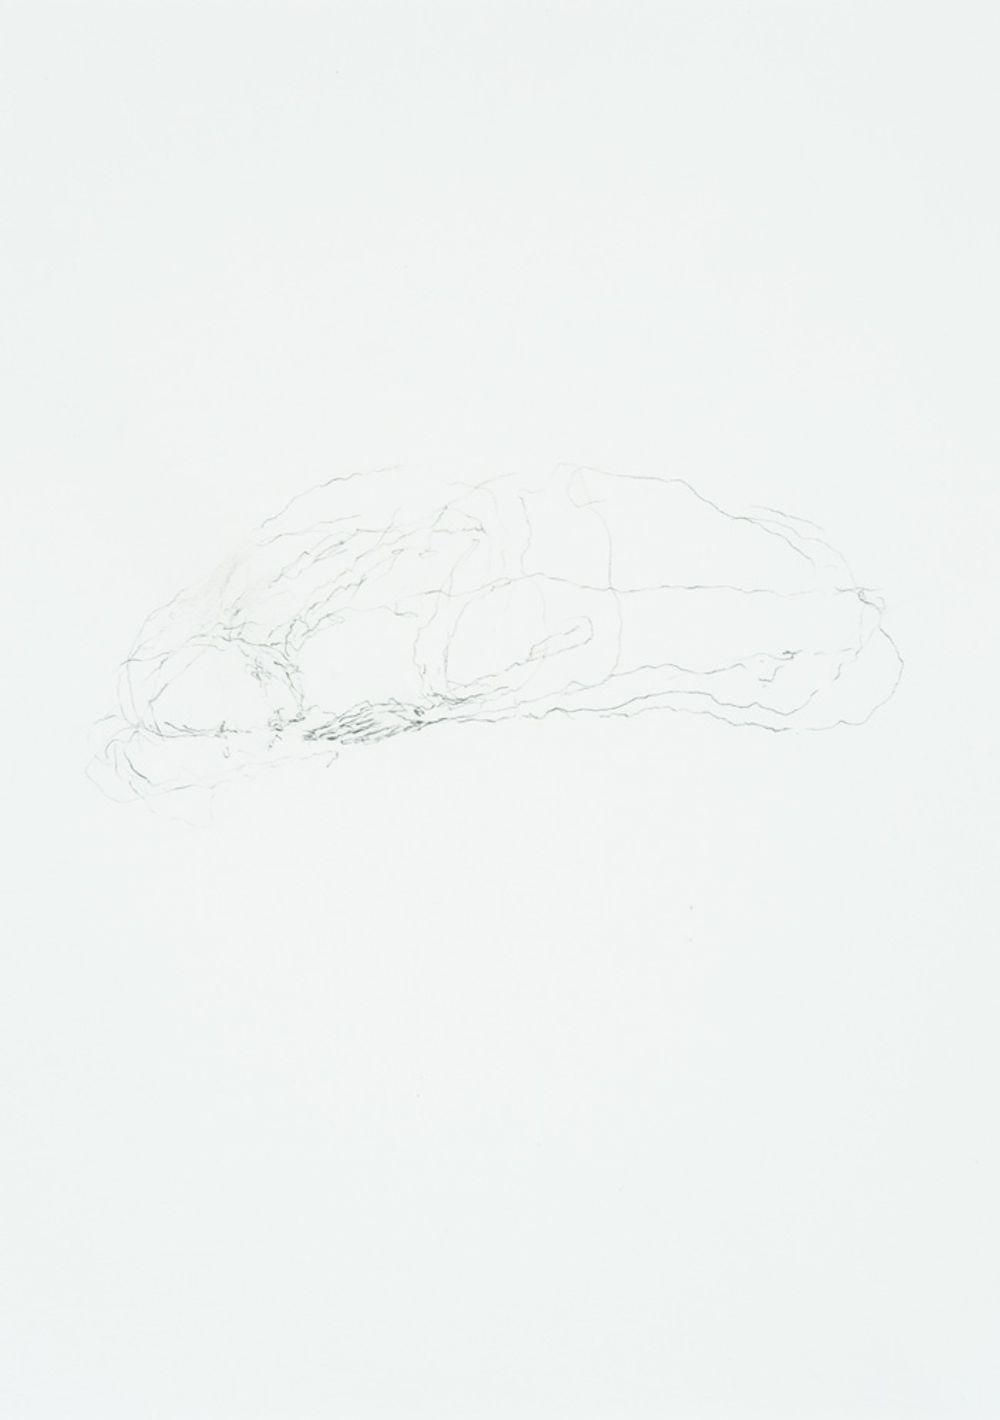 Piirustus 4